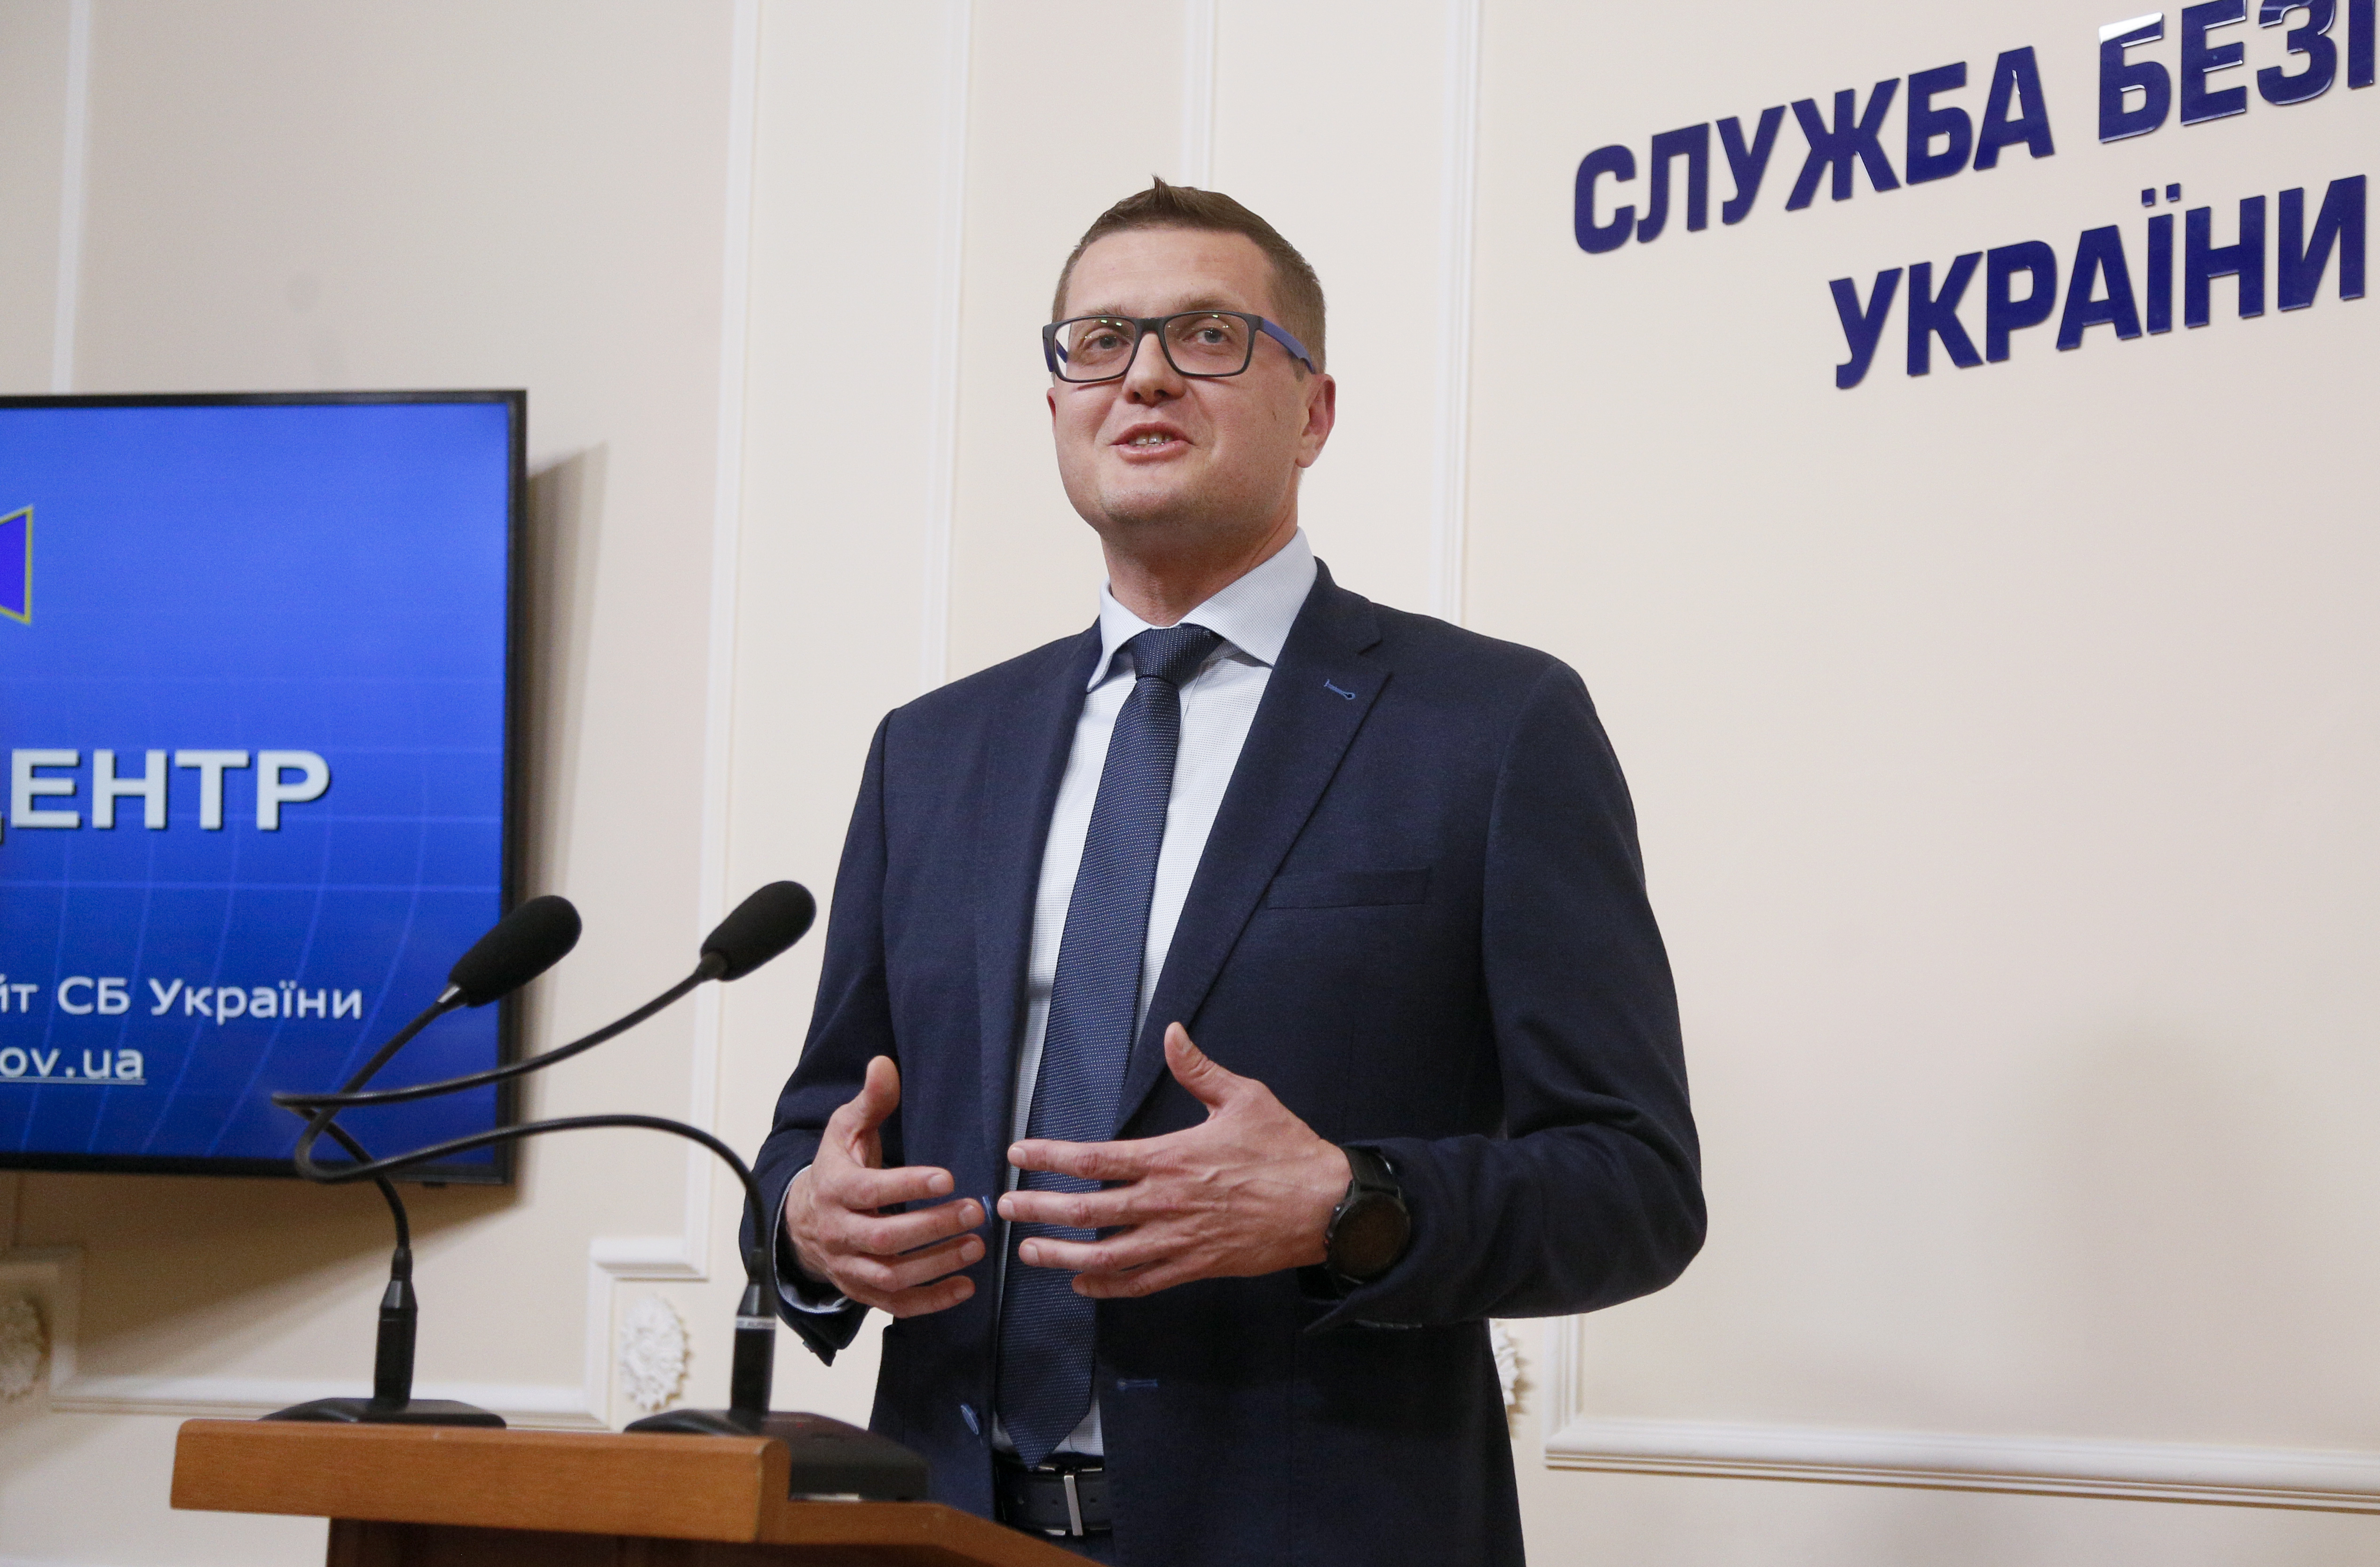 Ukrainian hacker sought by US arrested